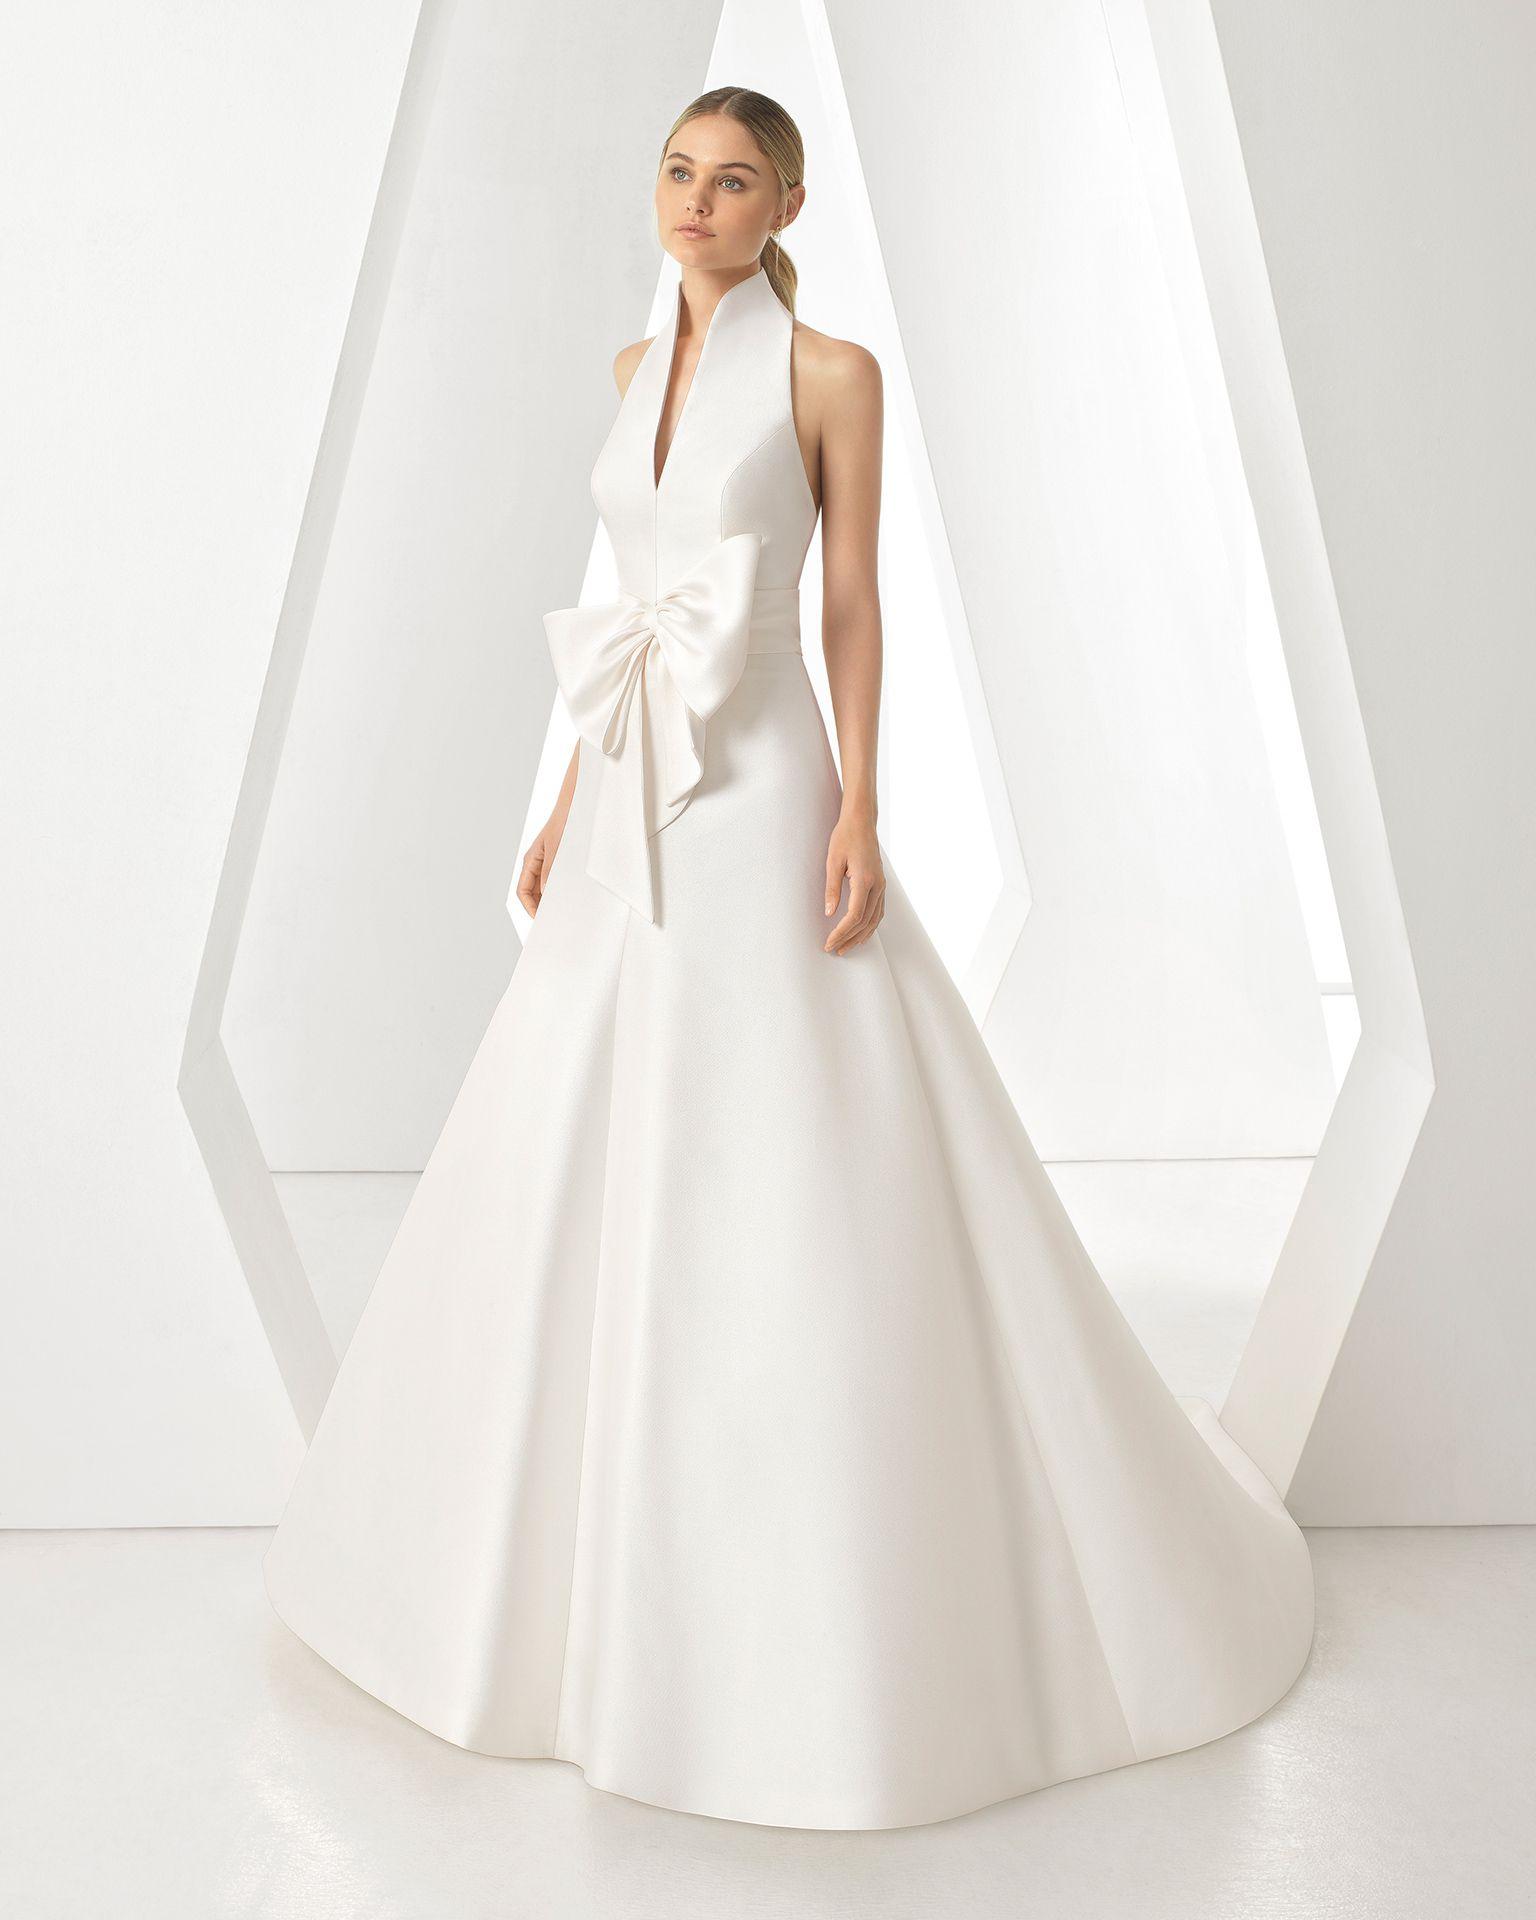 Vestidos de novia Rosa Clará 2019 cuello rígido y gran lazada delantera   vestidosdenovia  rosaclaranovias  rosaclara  modanupcial  weddingdresses  ... 857751a3bd33